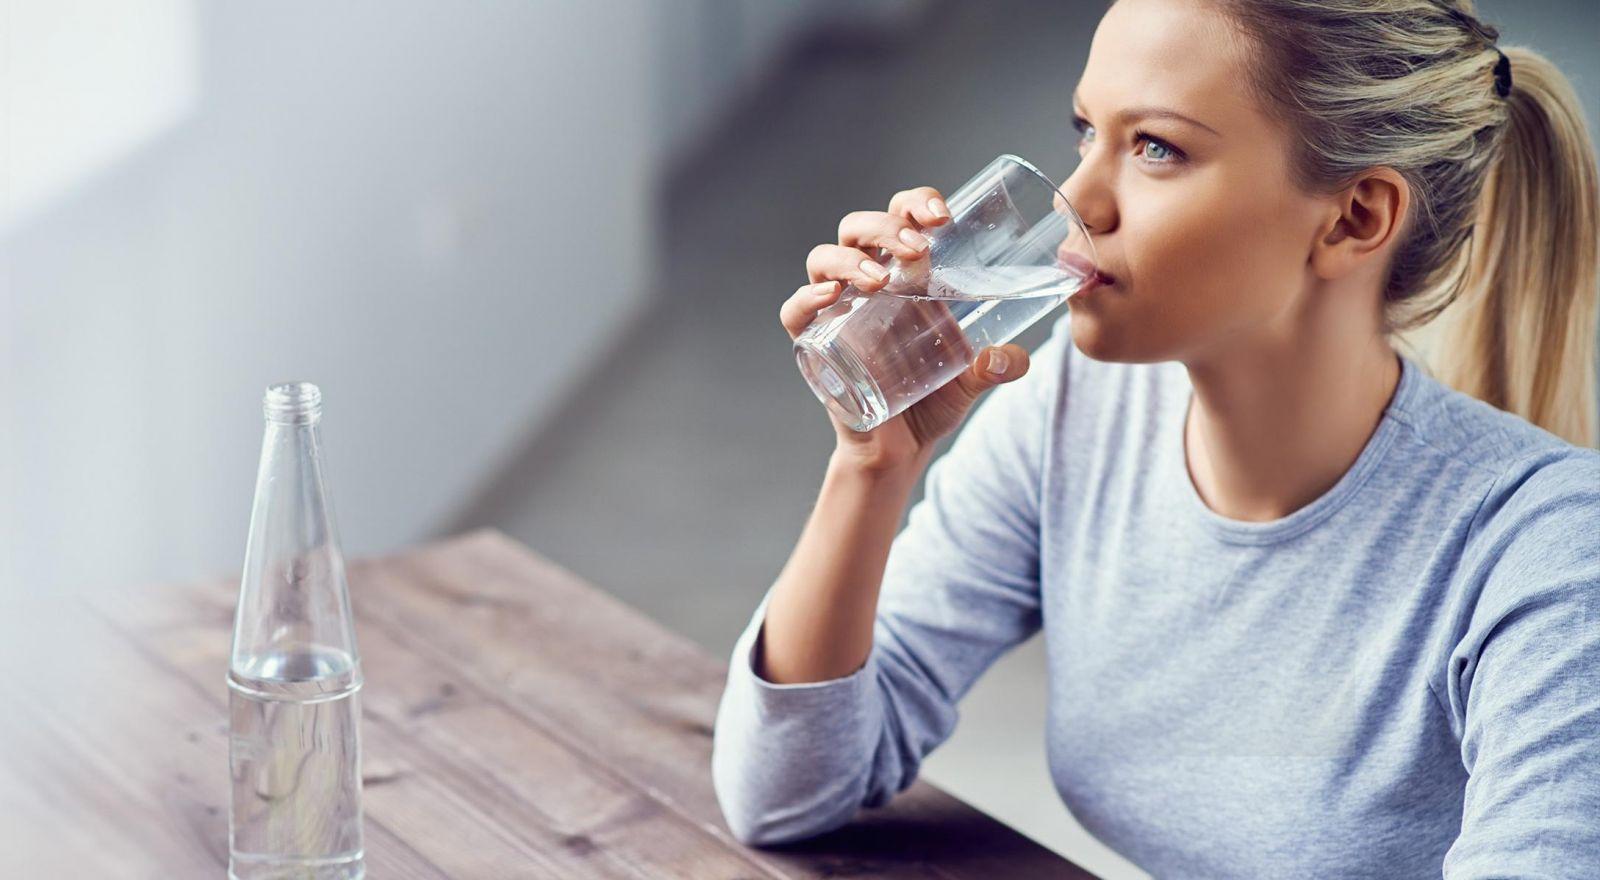 Đánh con gì khi gặp giấc mơ thấy uống nước?